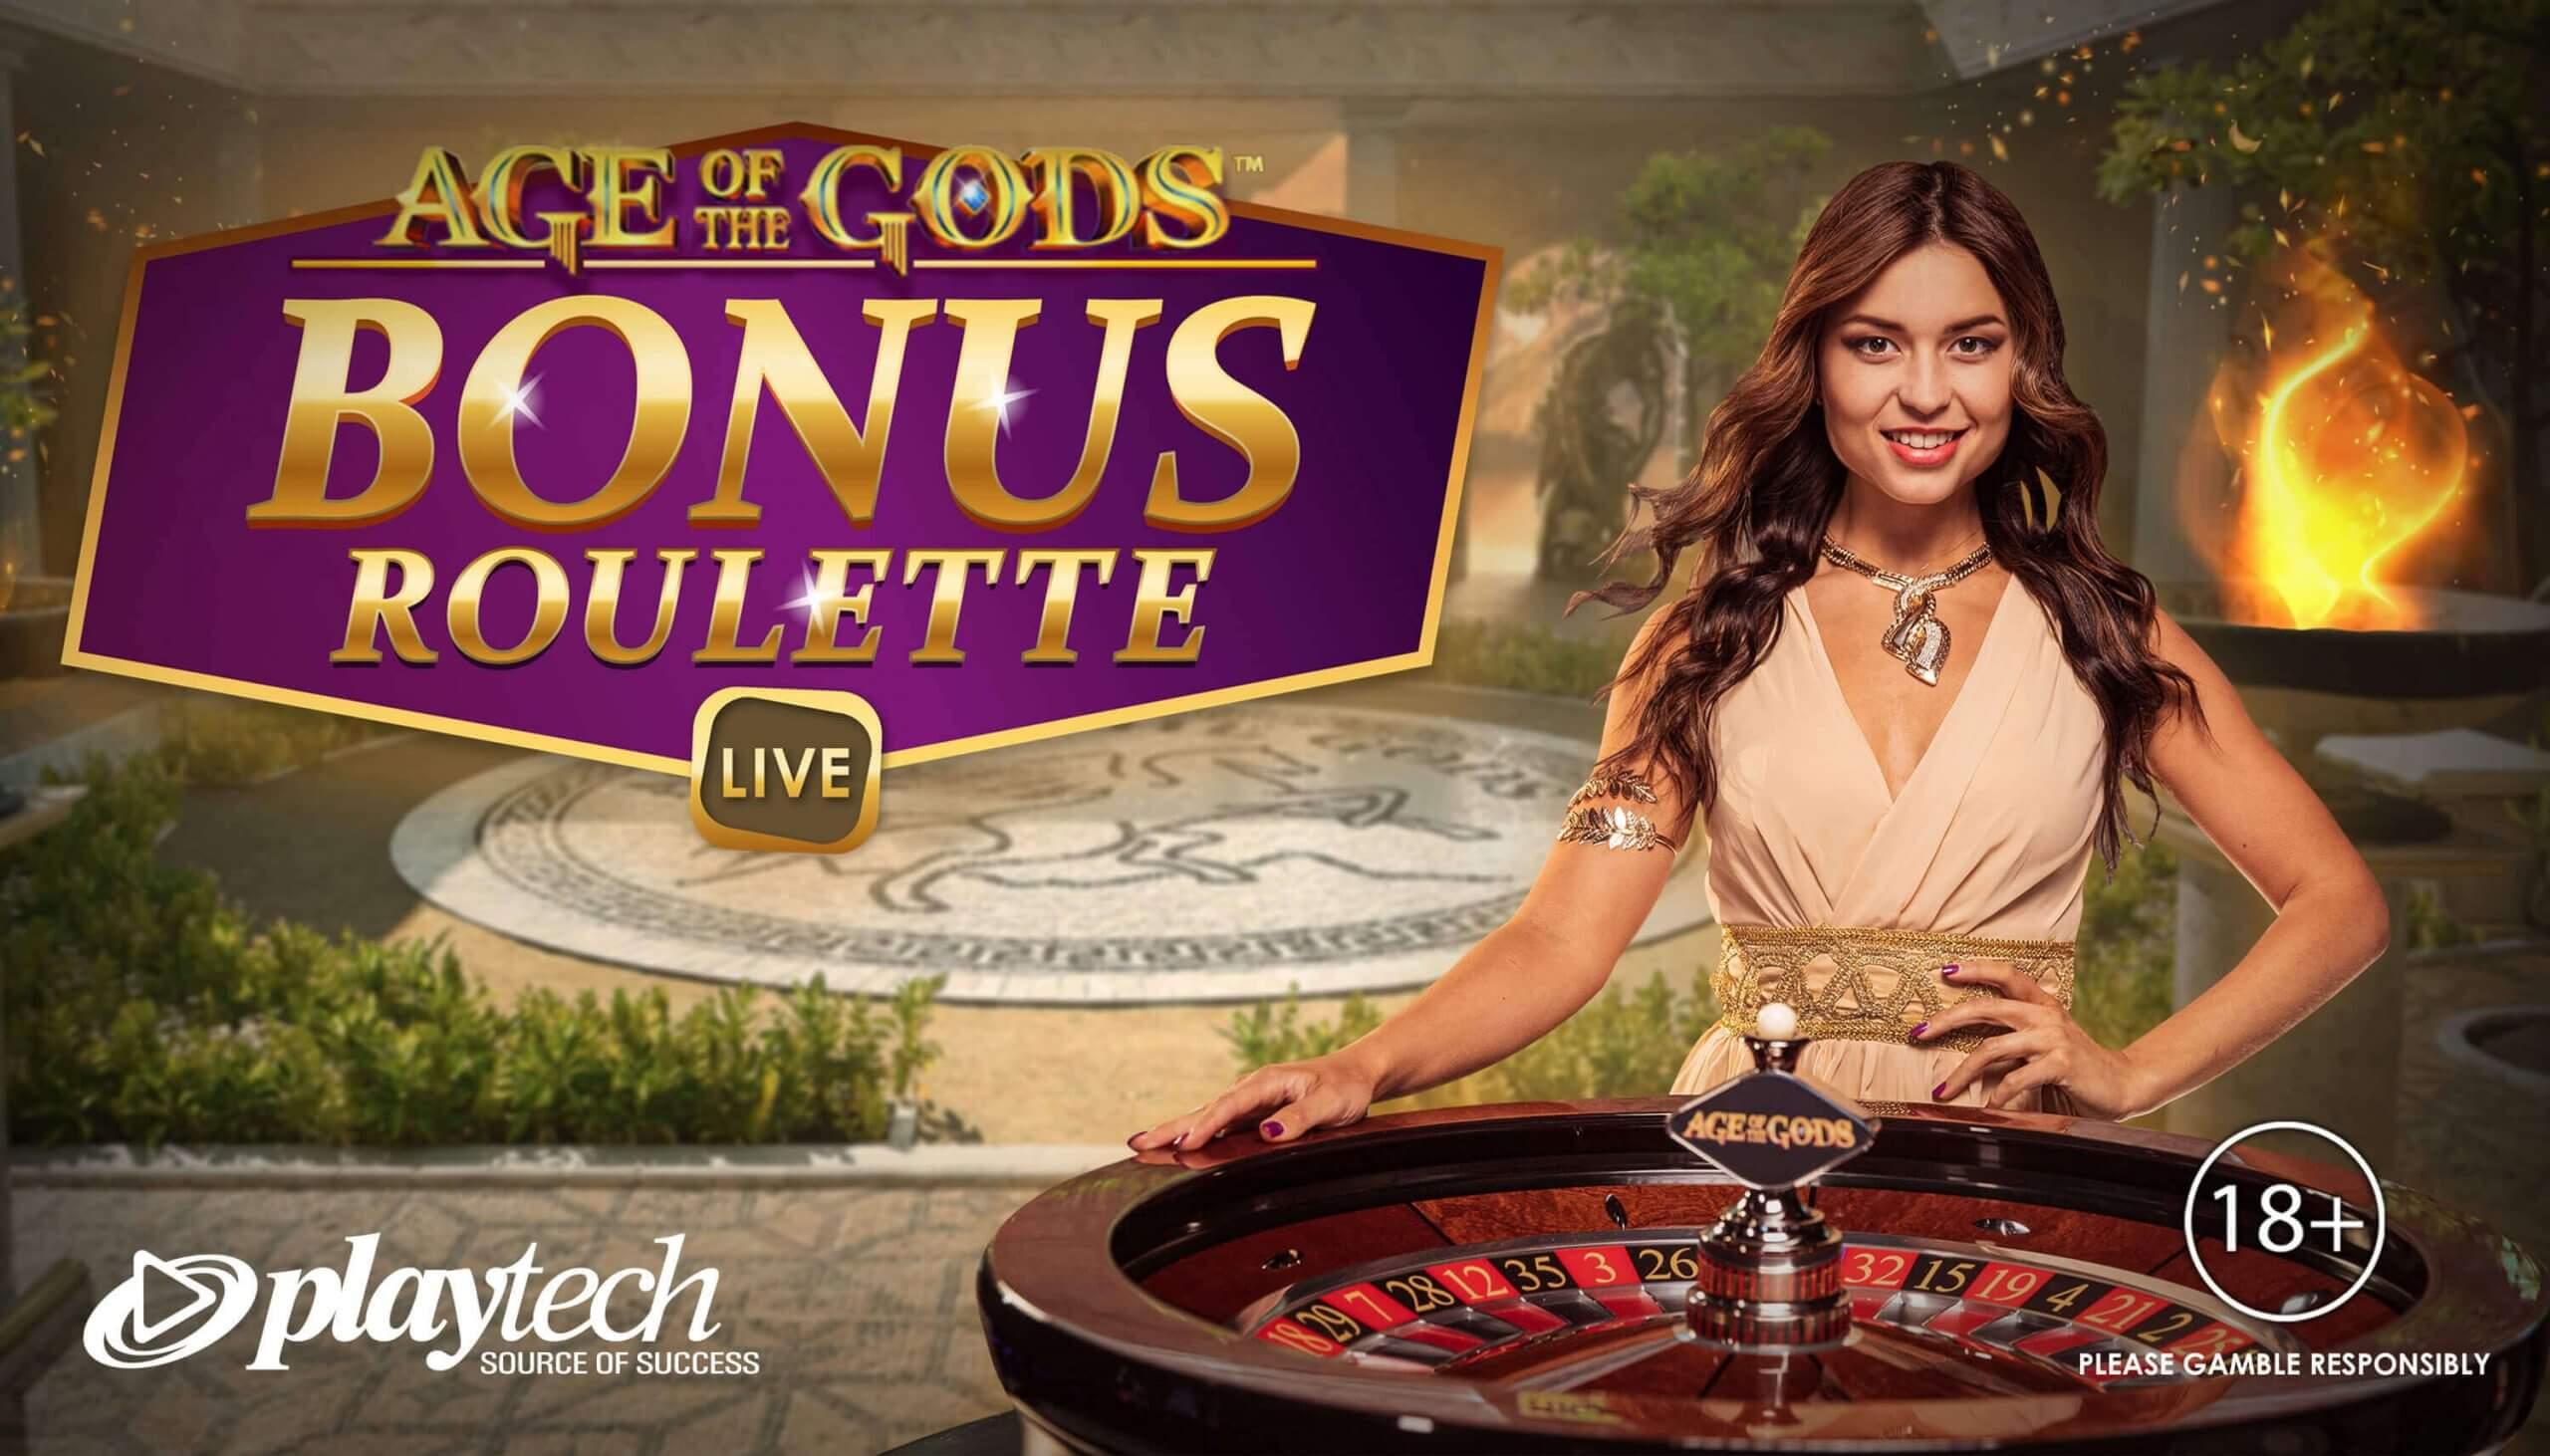 The-Online-Casino-NL-Age-Of-The-Gods-Bonus-Roulette